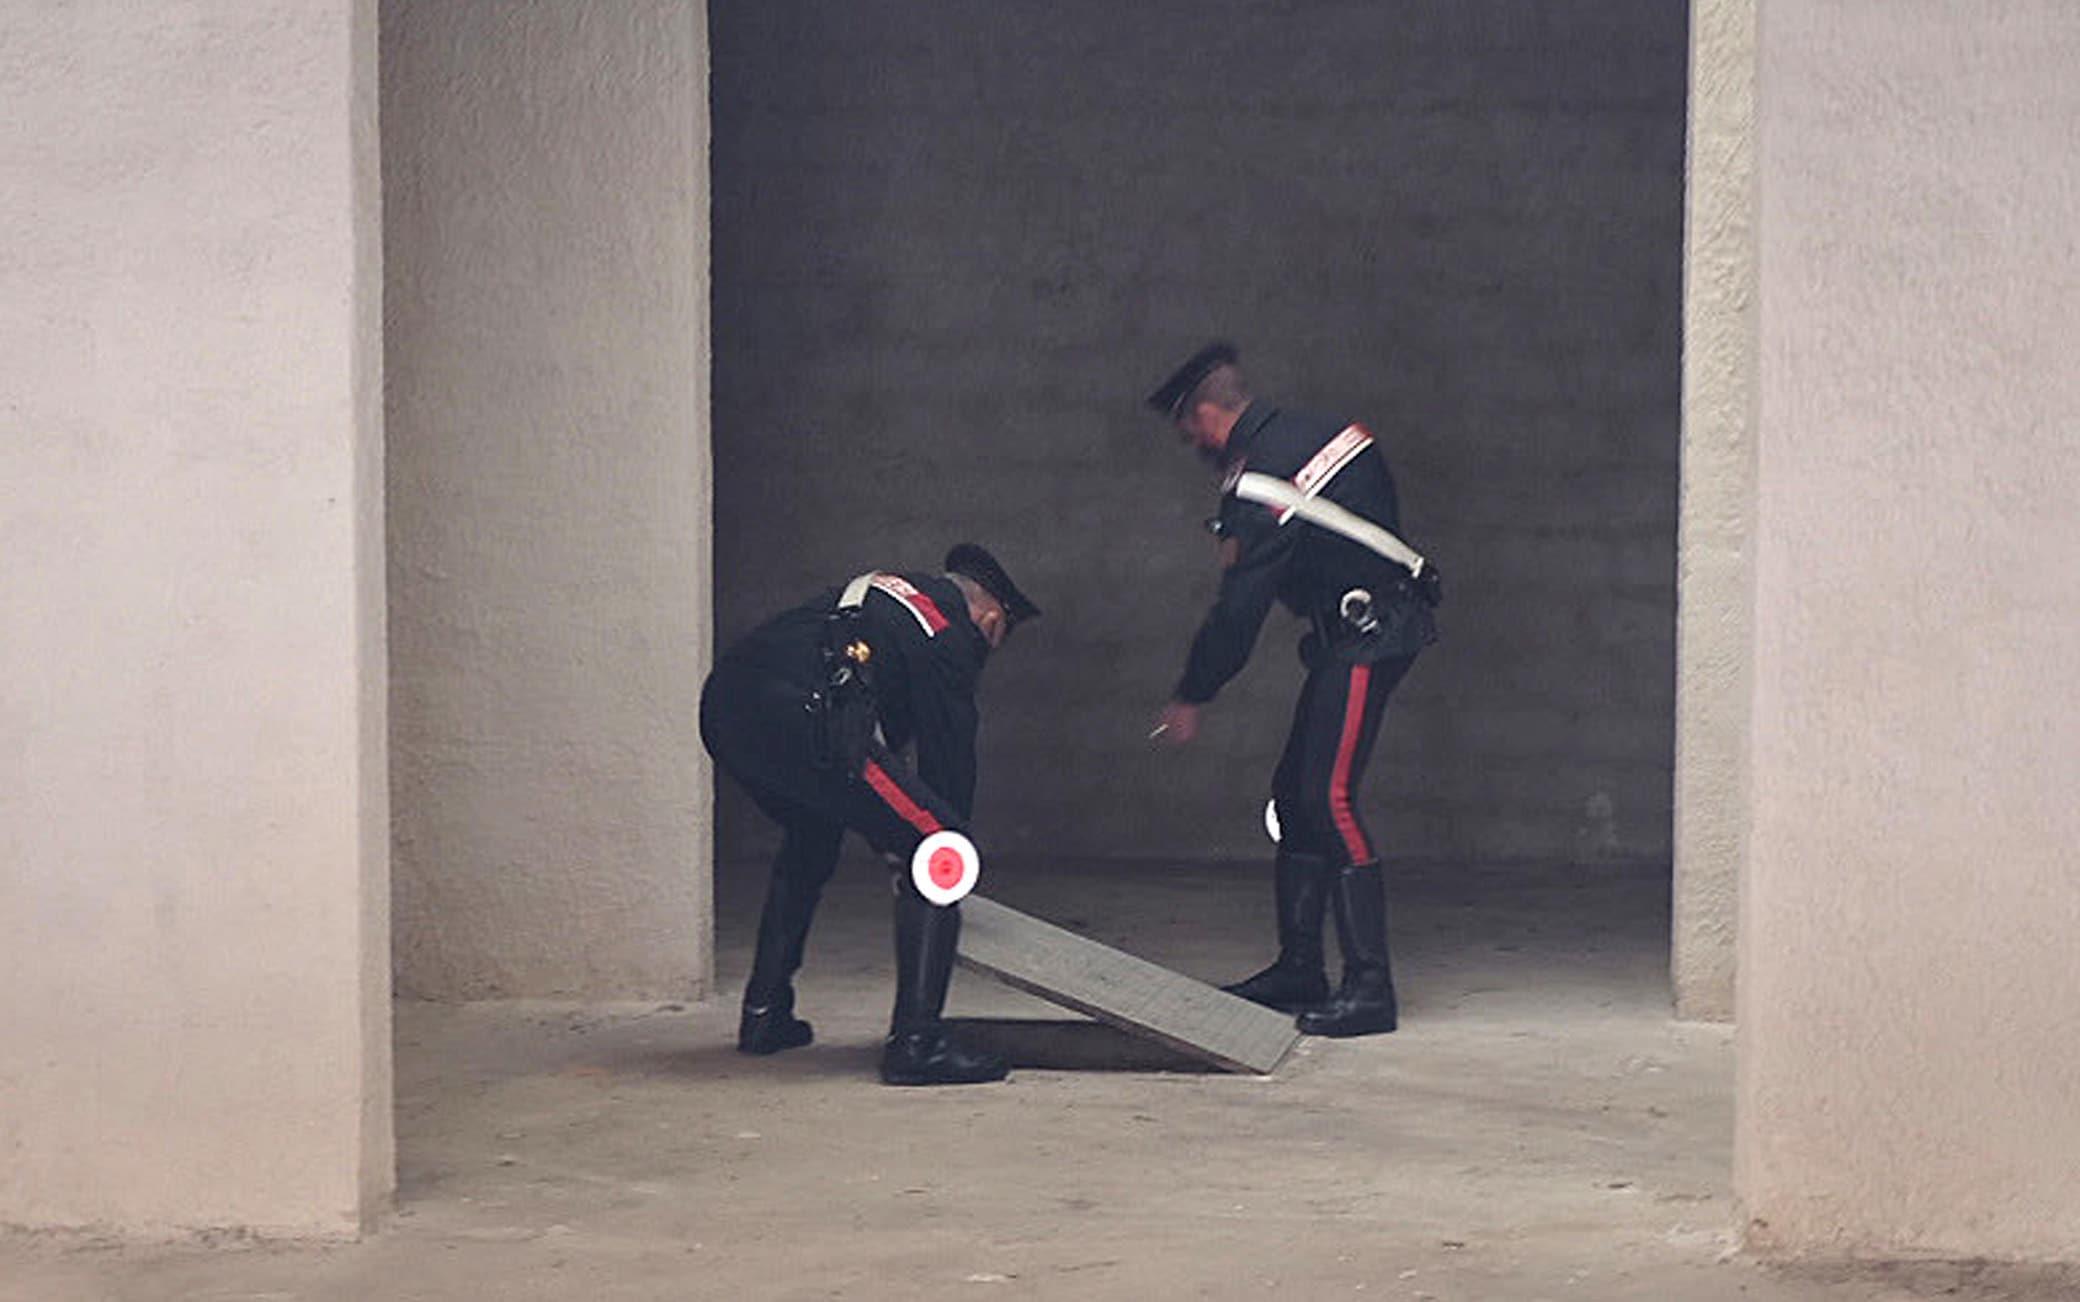 I carabinieri dei Ris ispezionano la botola che si trova nel garage della casa dove ha abitato Anna Corona, Mazara del Vallo (Tp), 5 maggio 2021. ANSA/CARMELO SUCAMELI